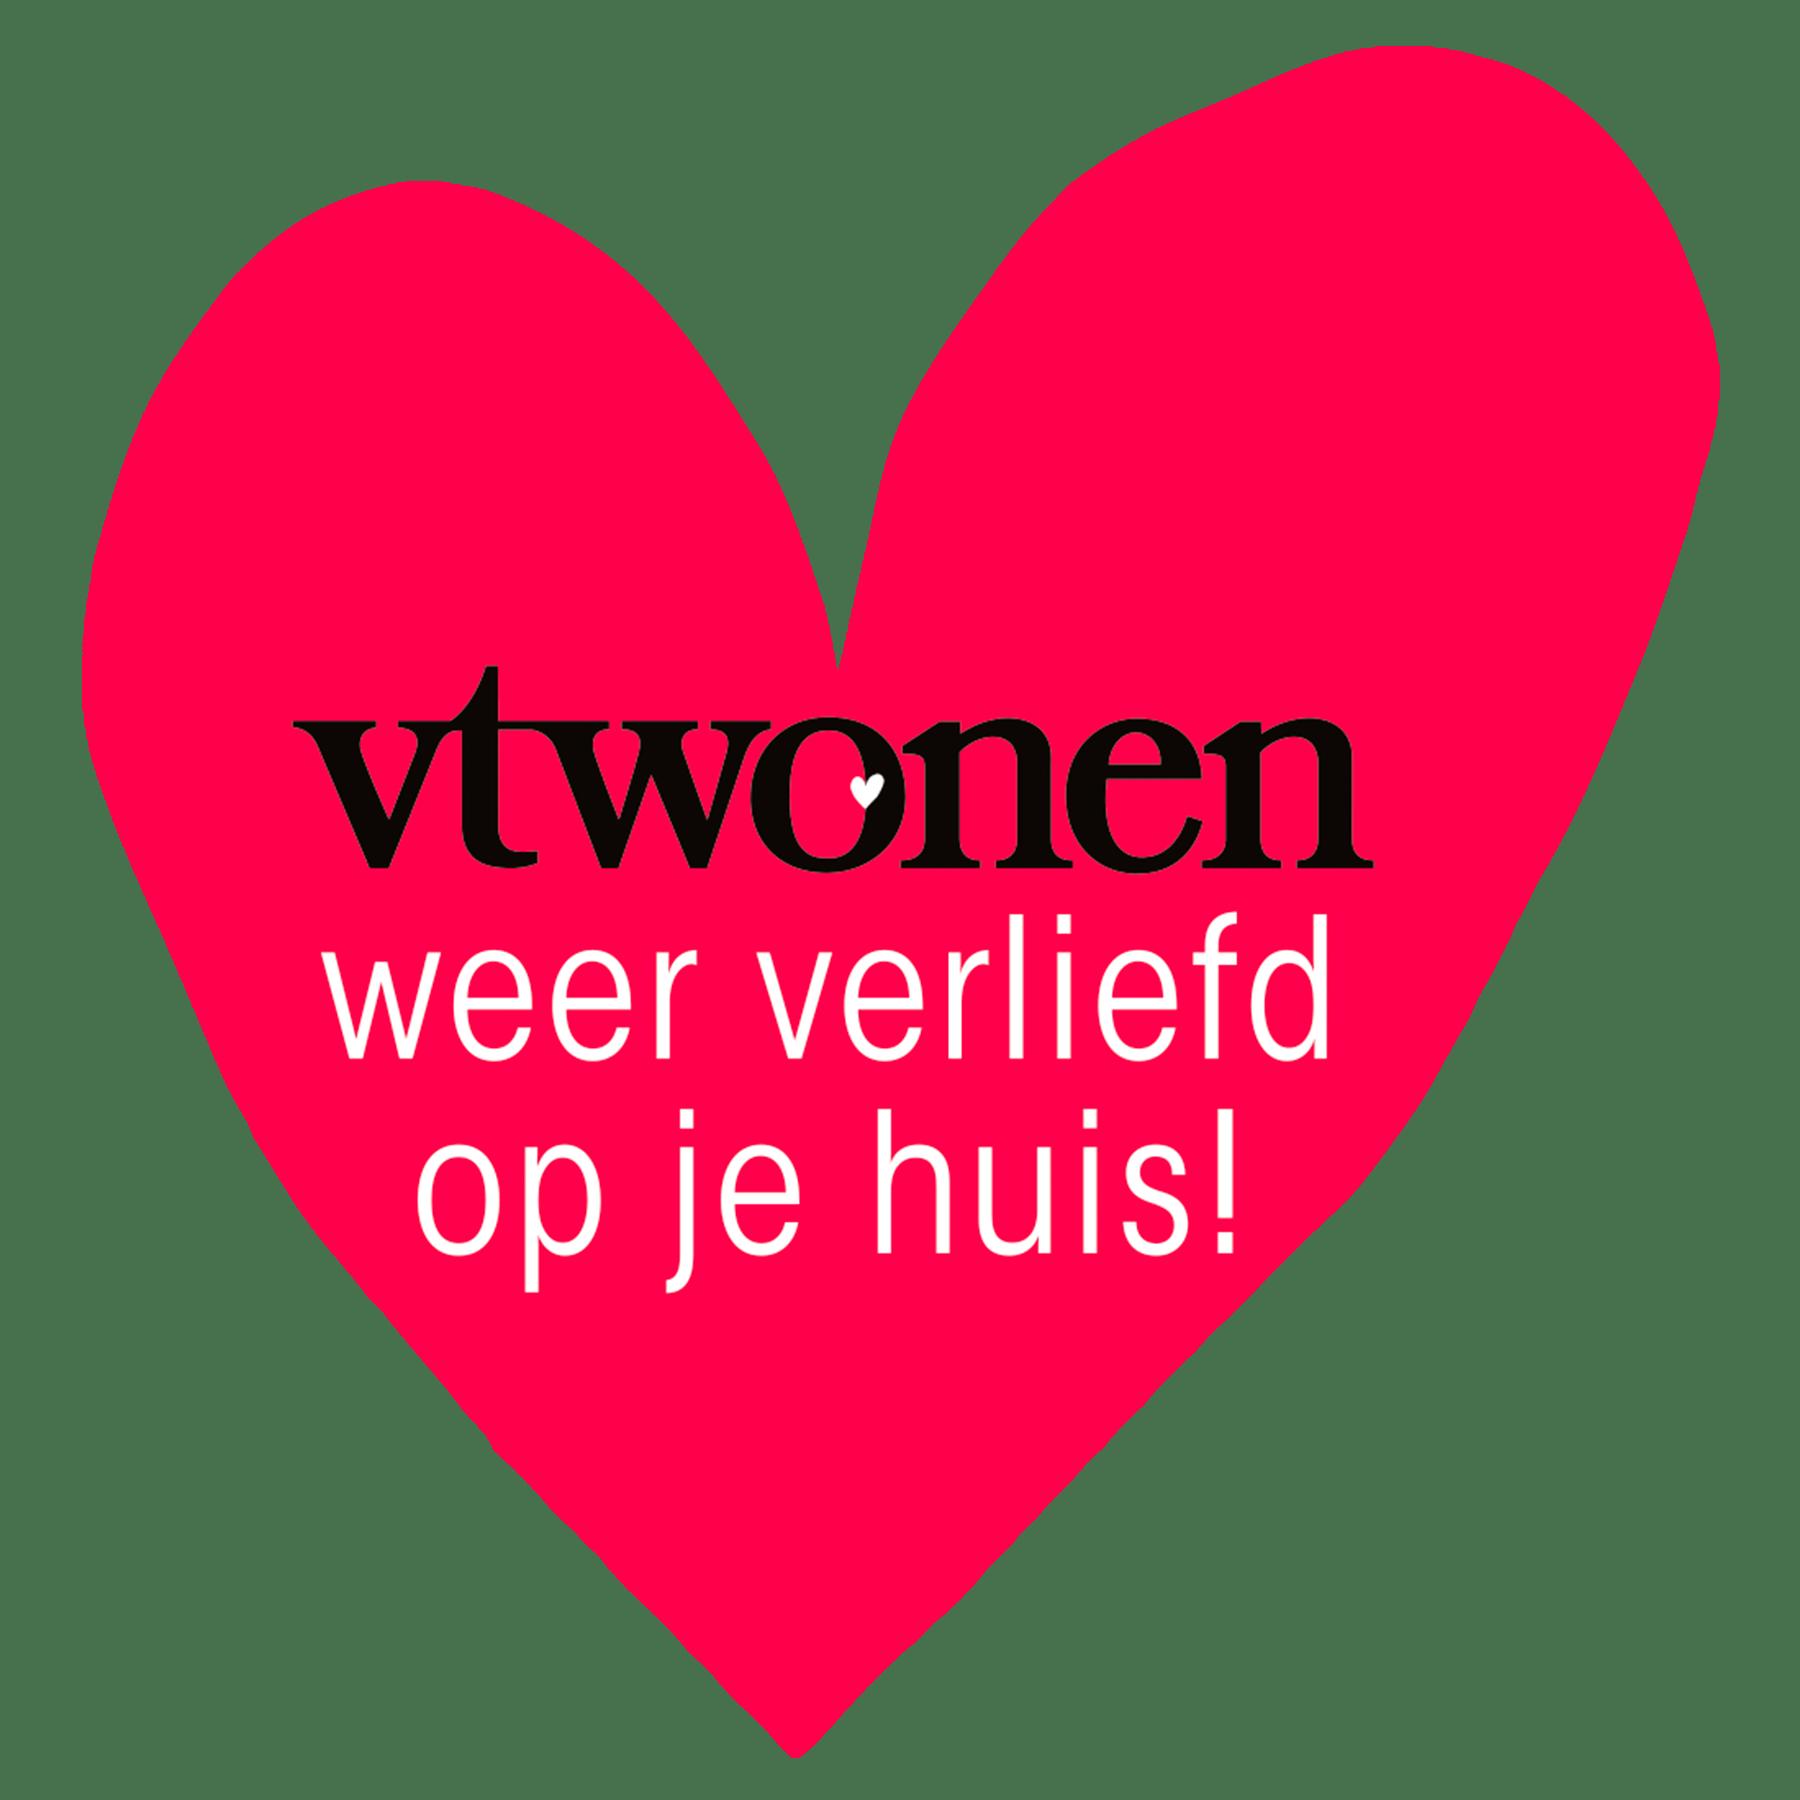 logo vtwonen Weer verliefd op je huis